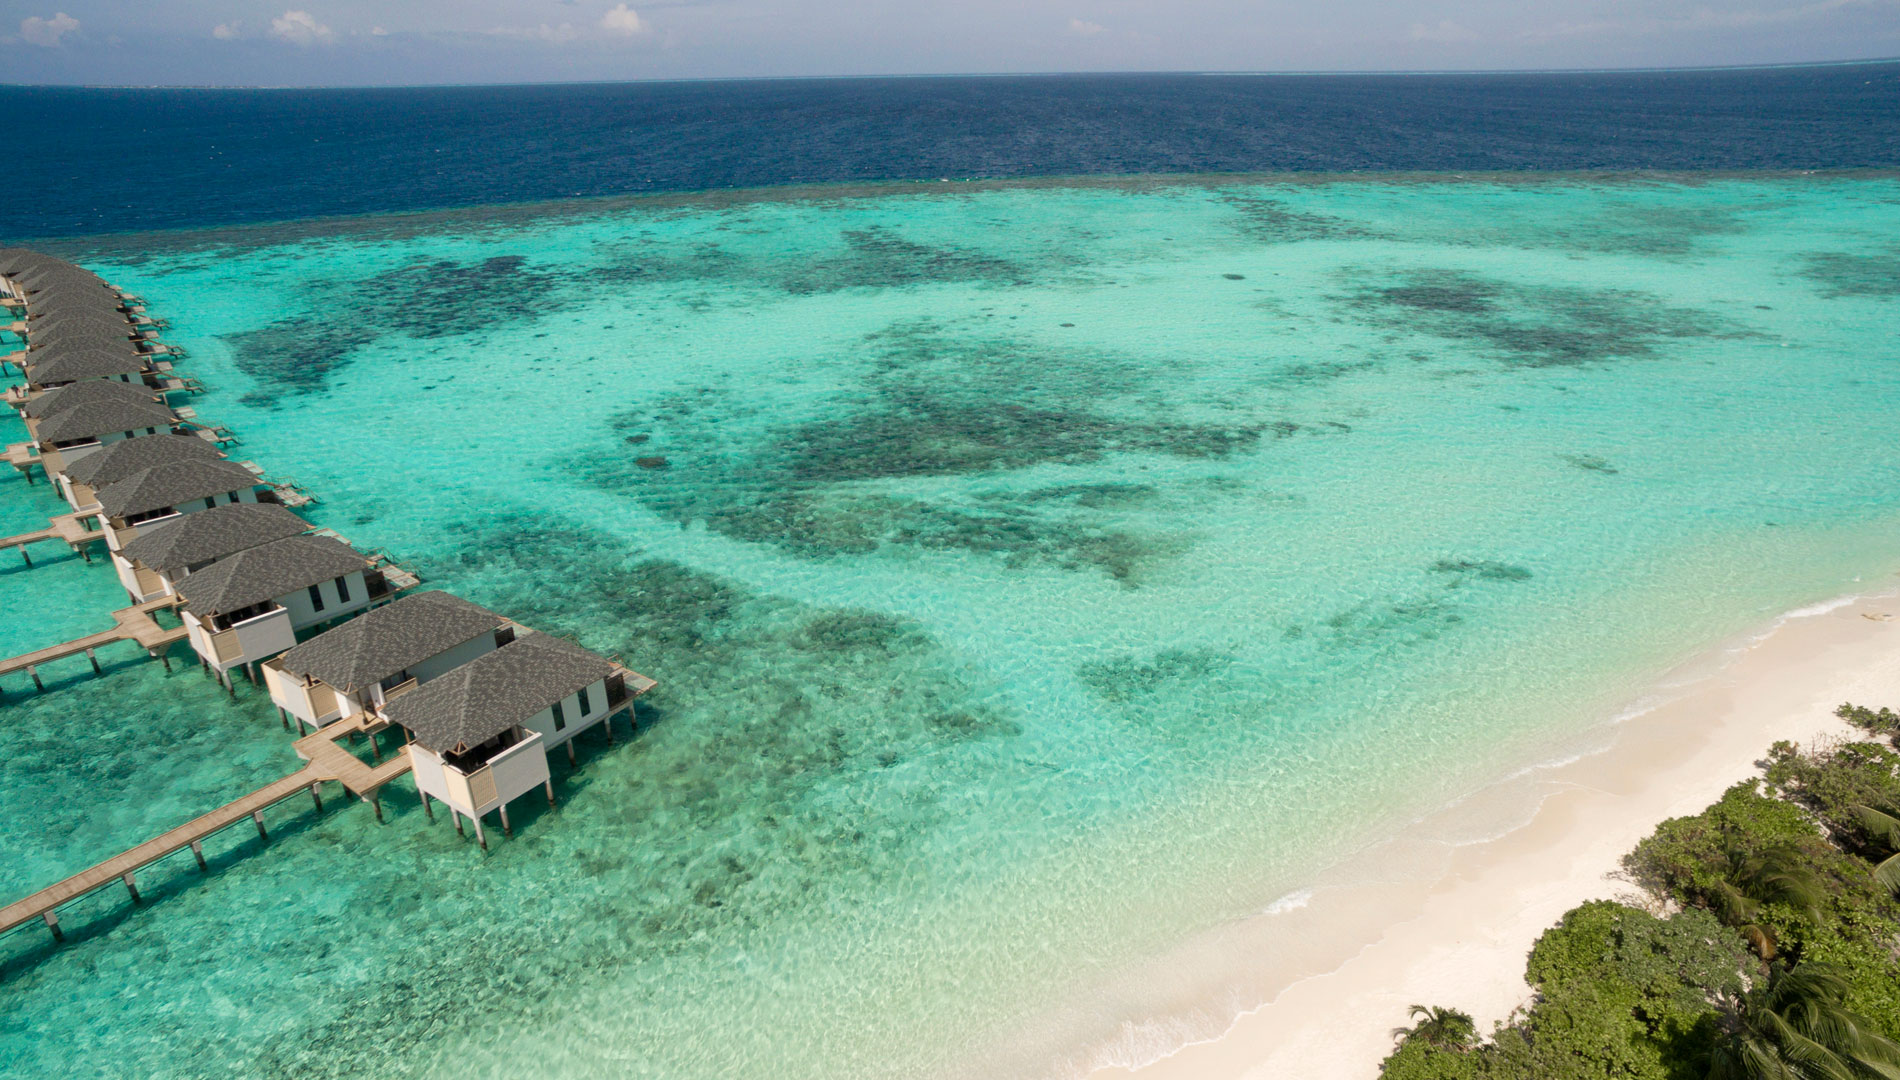 5 เหตุผลที่จะทำให้คุณอยากพักใน Overwater Villa ที่ อมารี ฮาว๊อดดา มัลดีฟส์